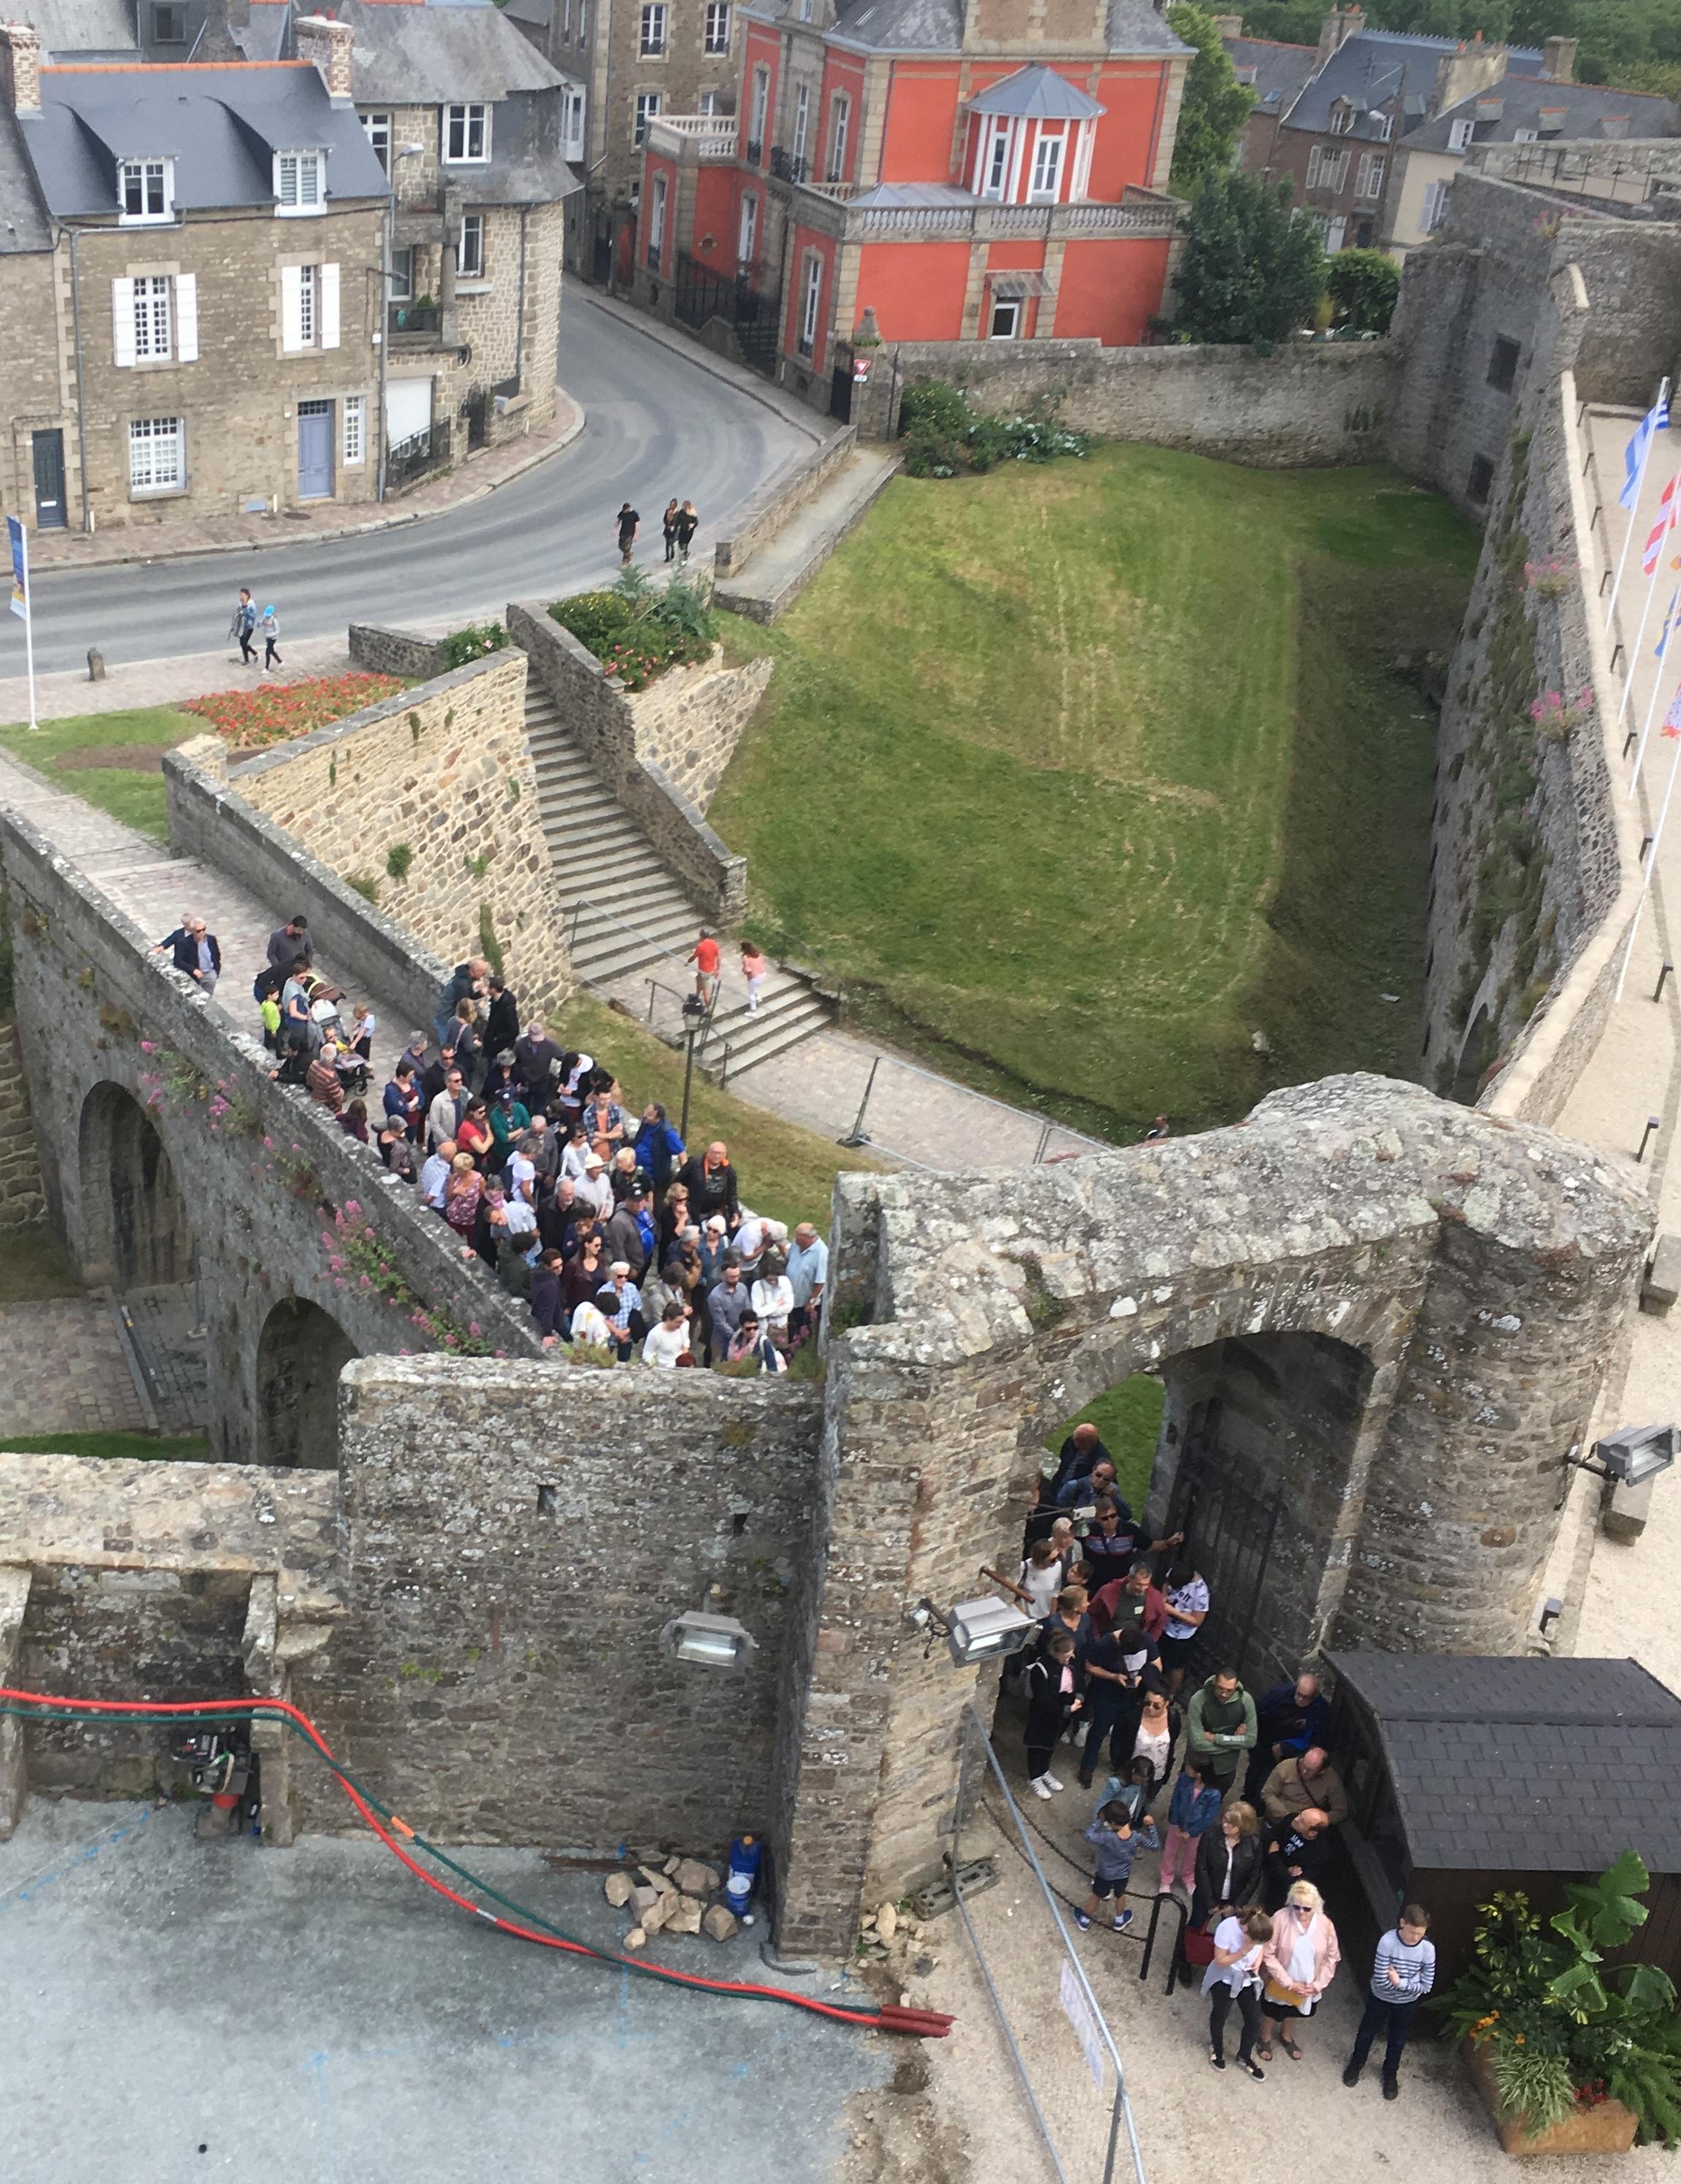 château dinan visiteur visite guidée fréquentation bilan augmentation attente accueil boutique monde bretagne côtes d'armor région touriste tourisme